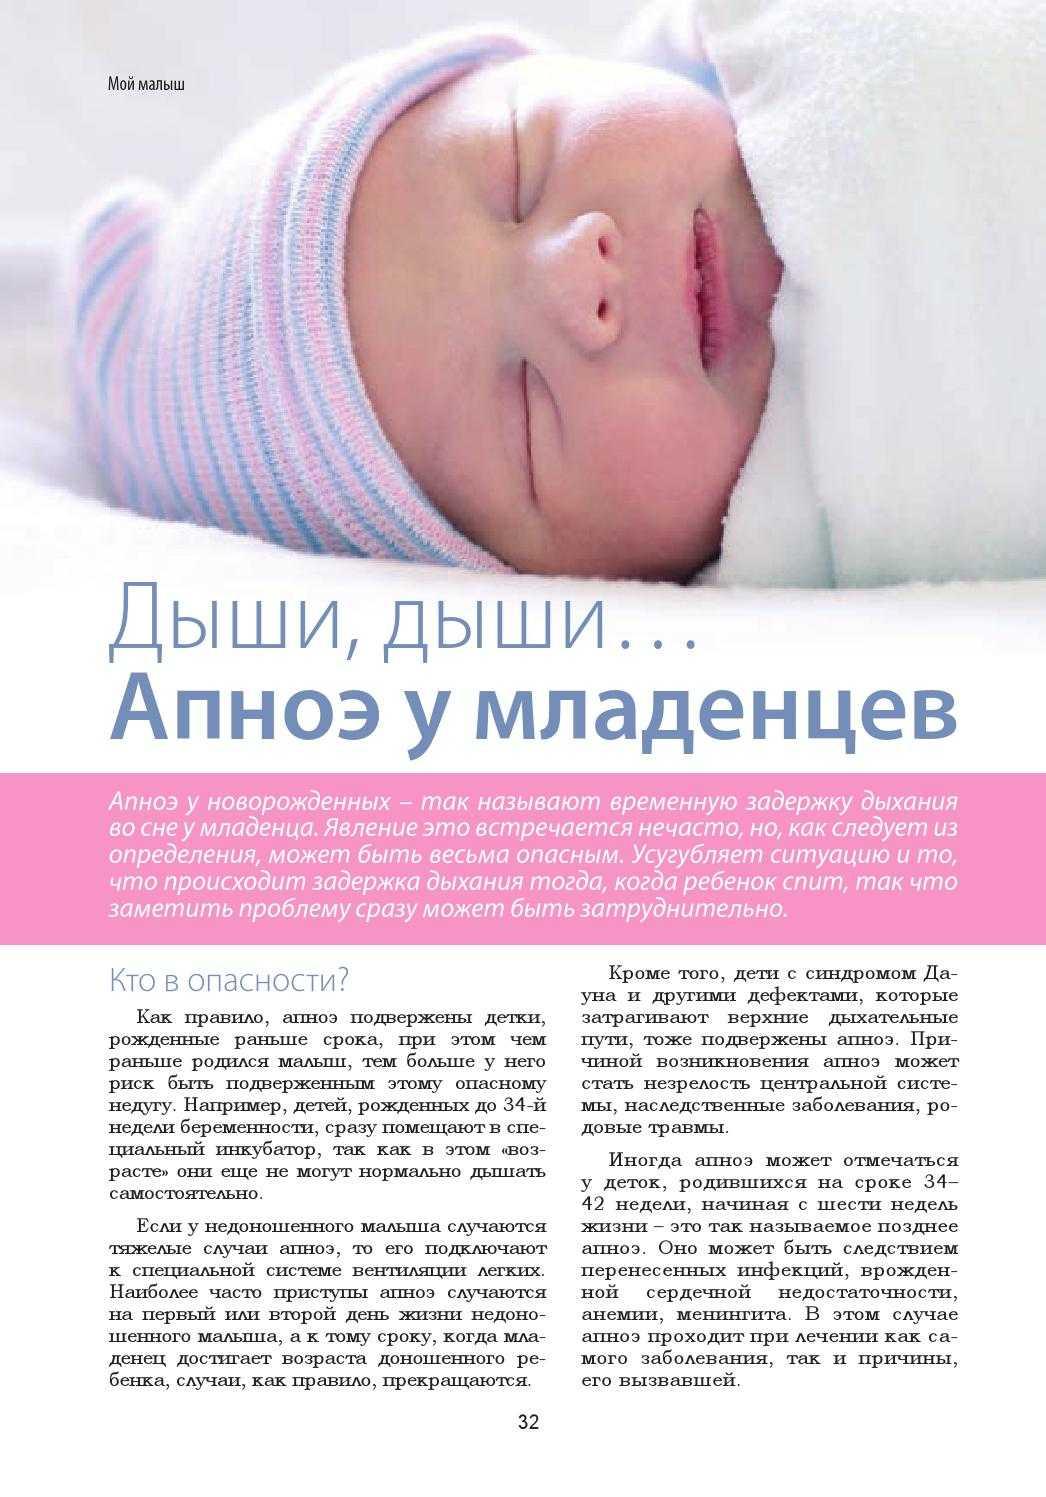 Как дышит ребенок в утробе матери: роль пуповины в дыхании